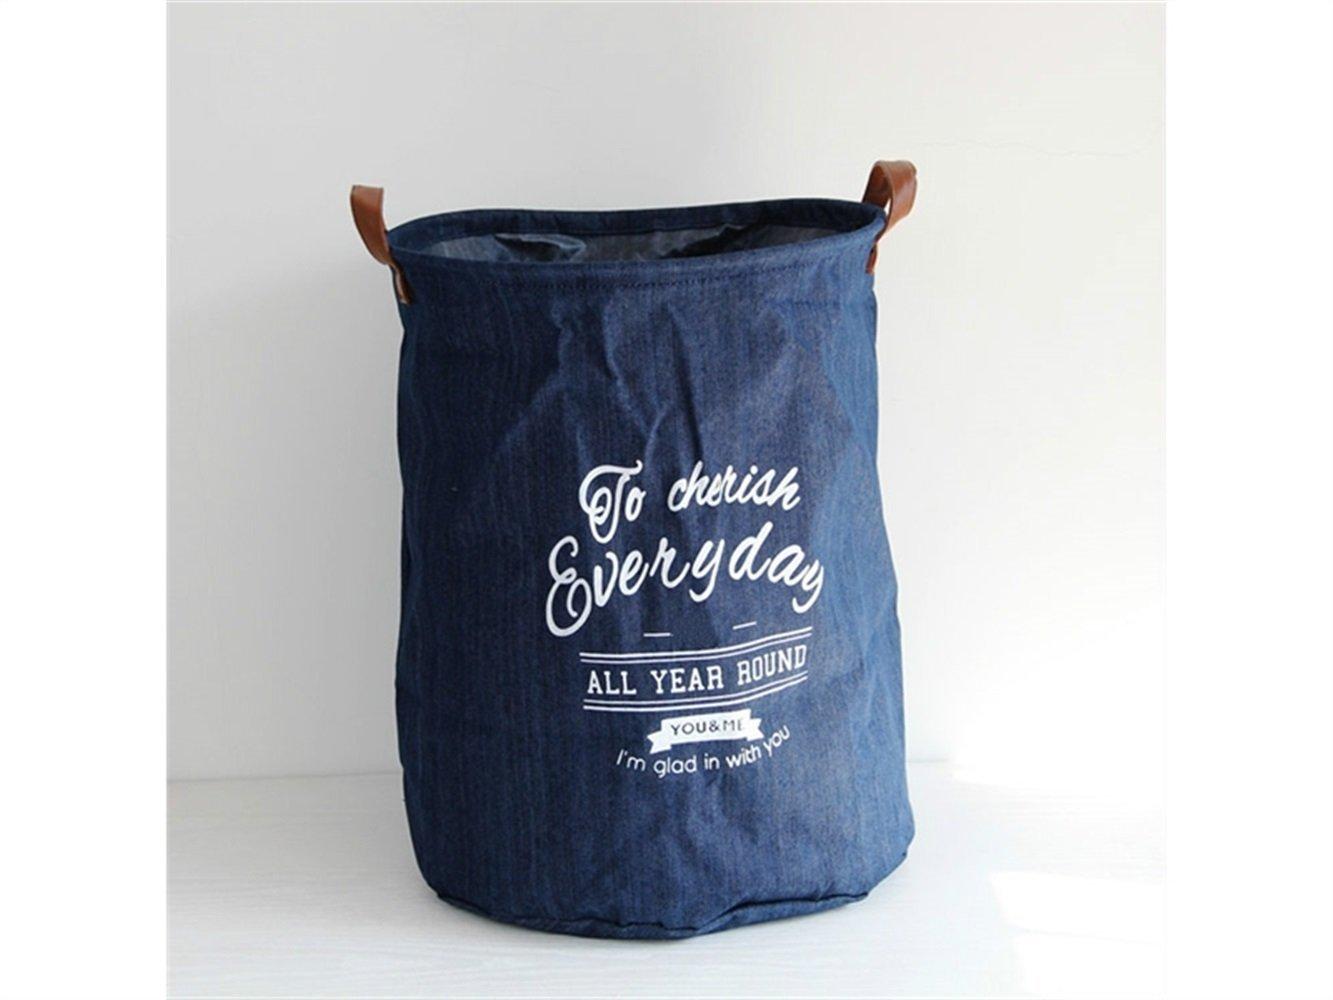 Gelaiken Lightweight Denim Storage Basket Pattern Storage Bag Denim Storage Box Sundries Storage Bucket(Navy Blue)